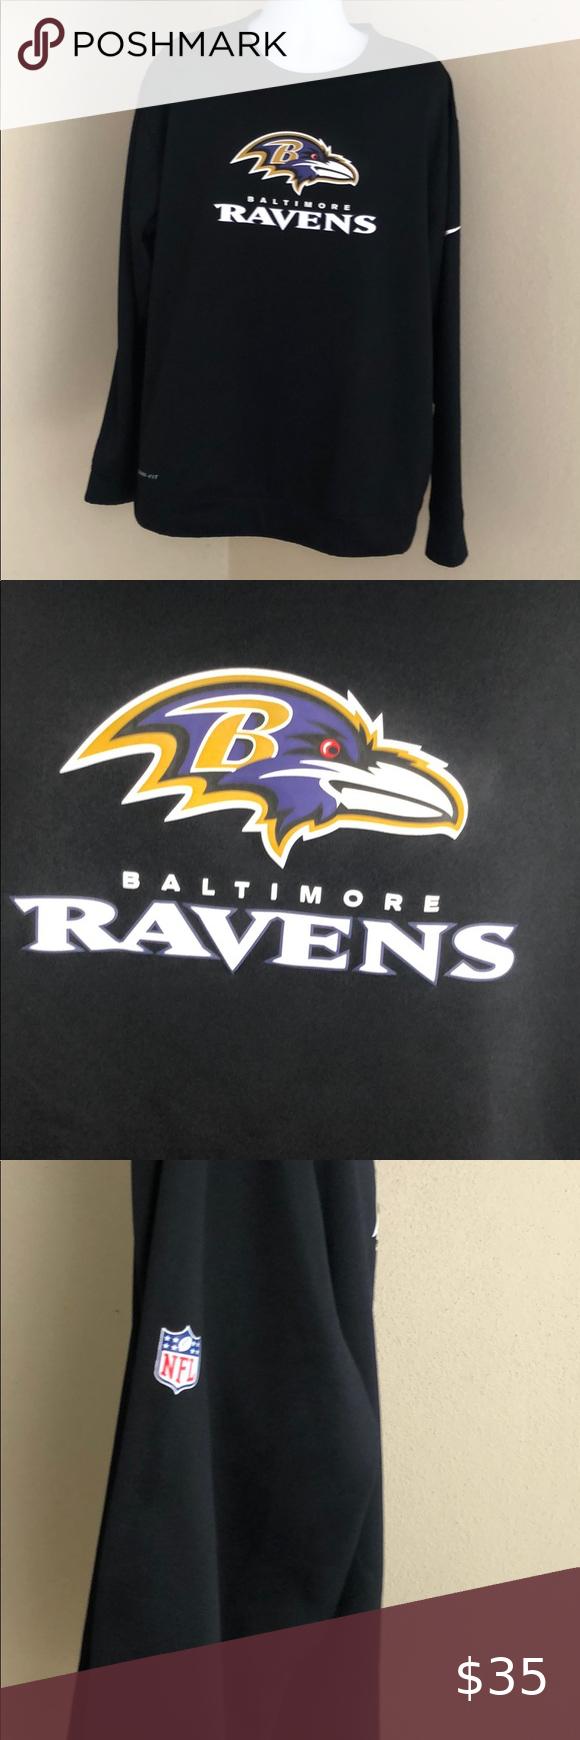 Predownload: Nike Ravens Baltimore Sweatshirt Sweatshirts Nike Black Nikes [ 1740 x 580 Pixel ]